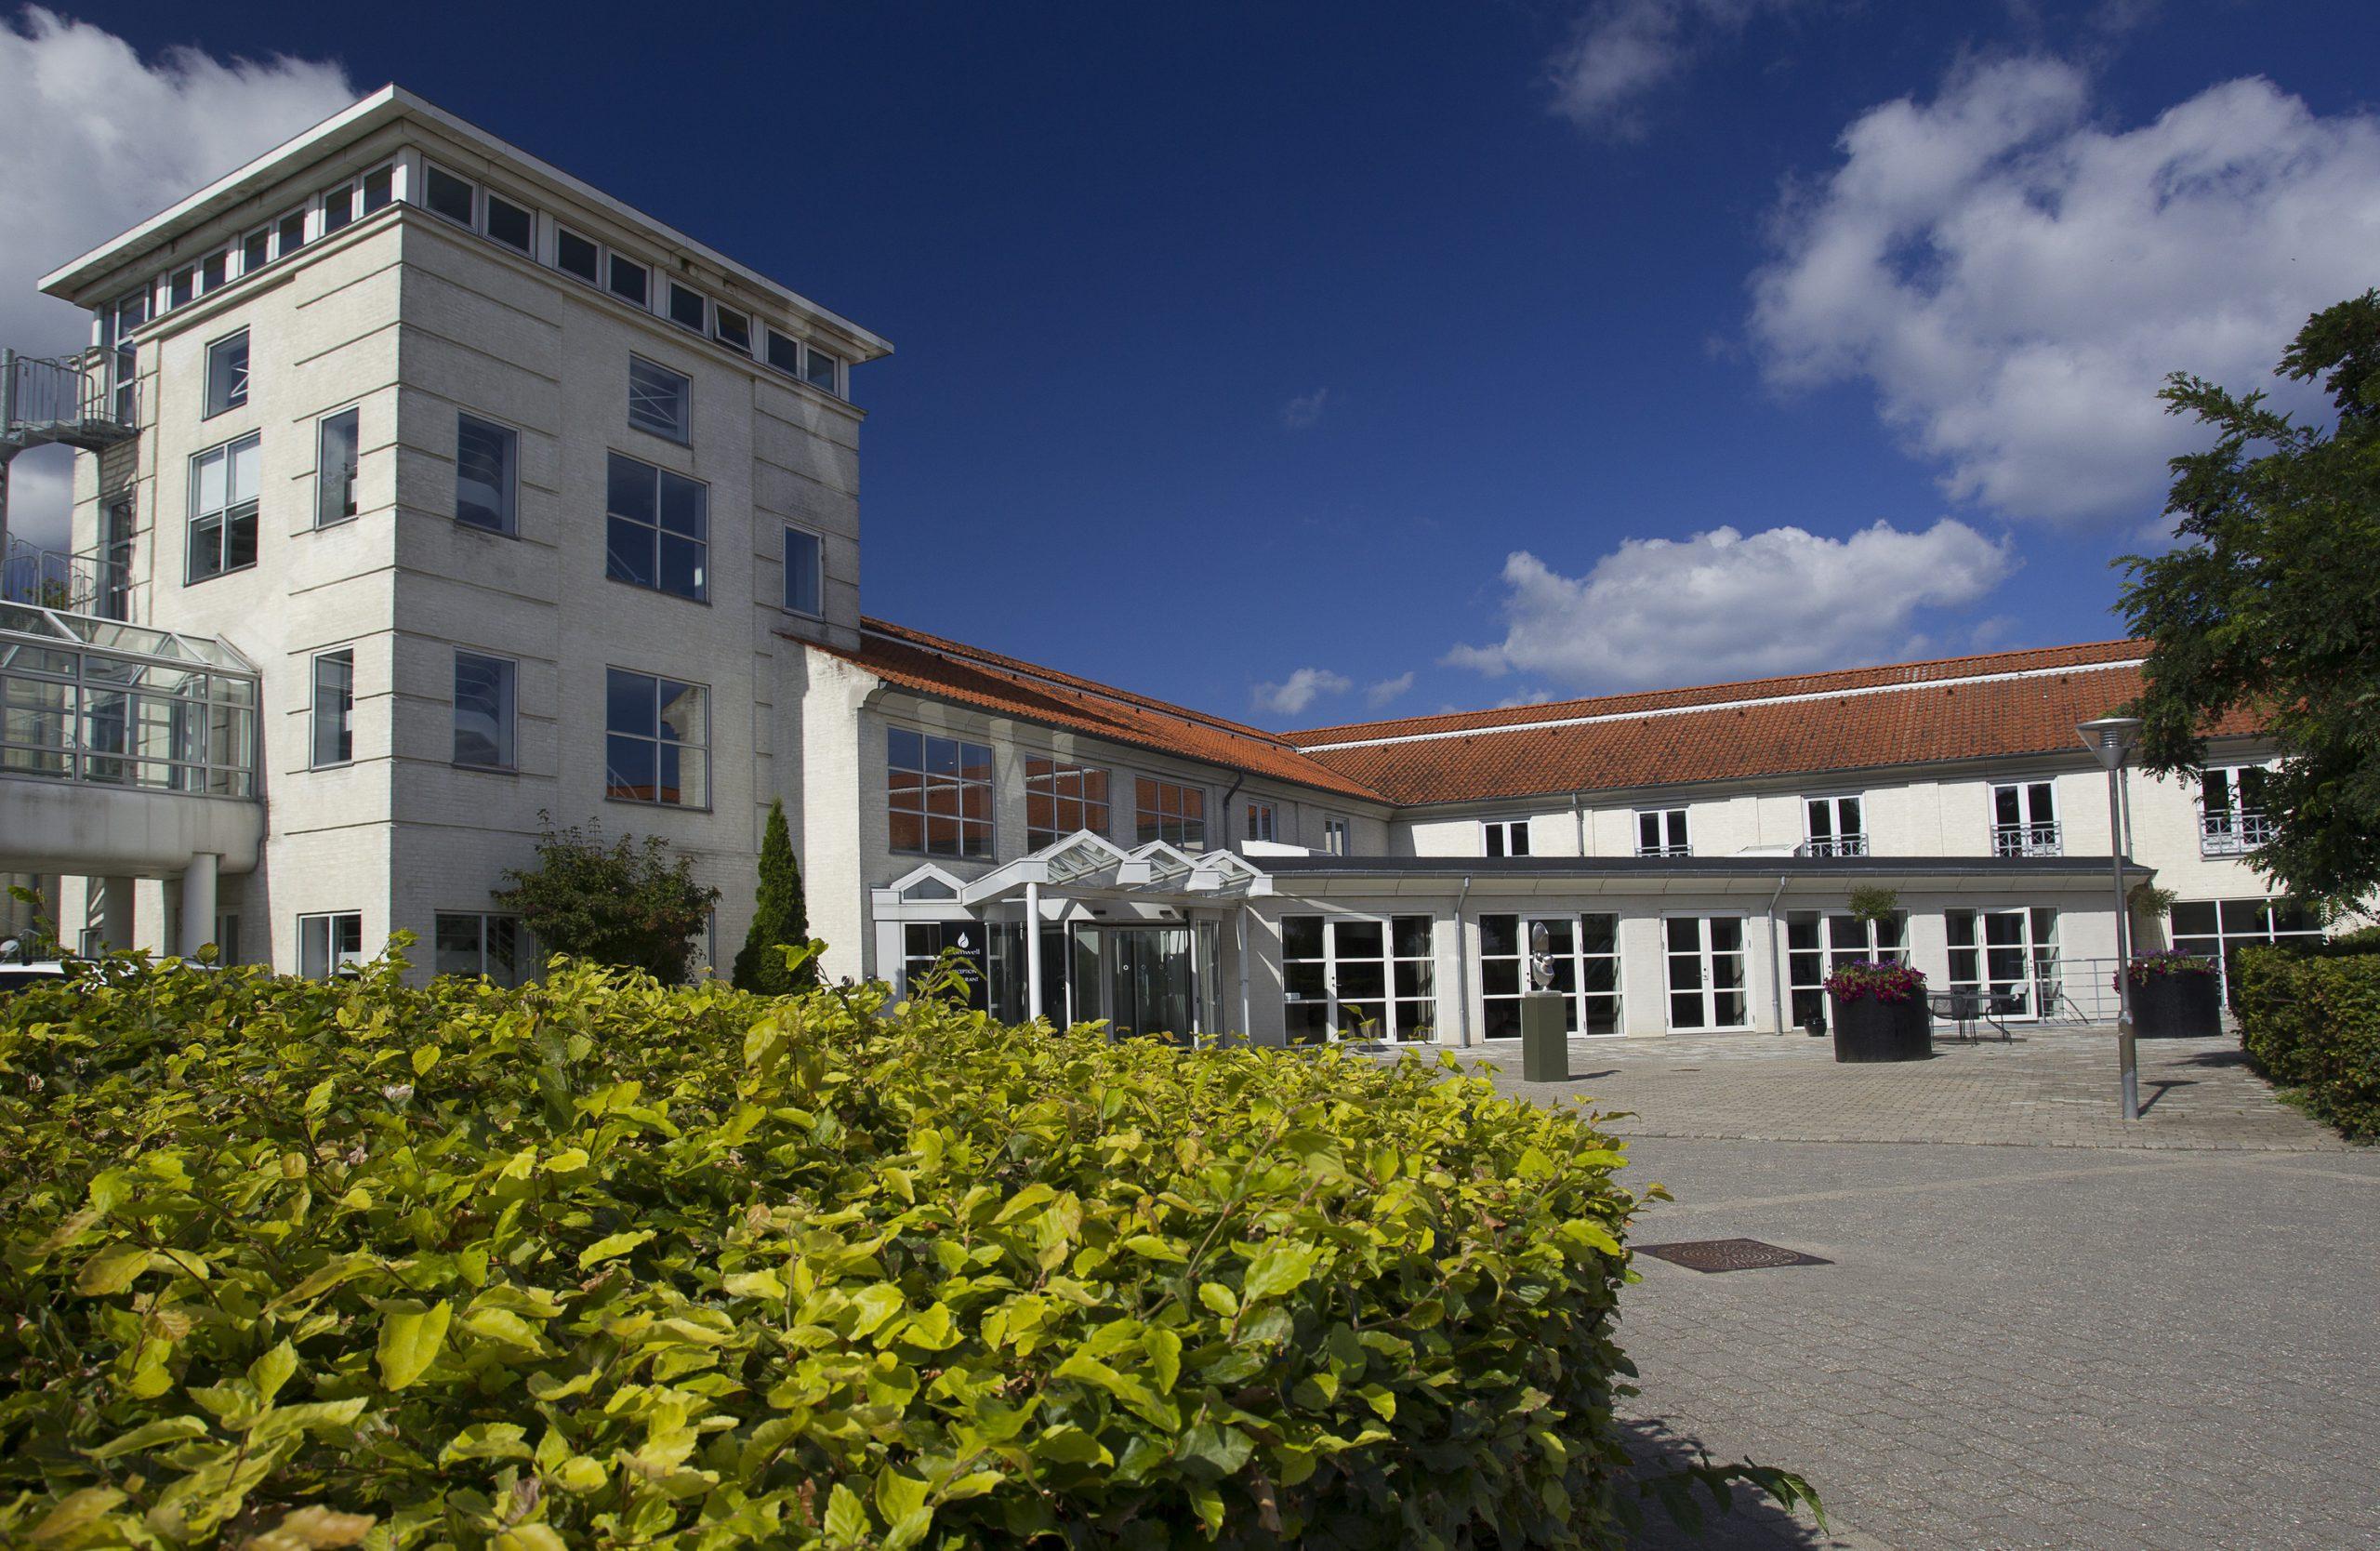 Bygningen med Comwell Korsør bliver fra årsskiftet overtaget af fagforeningen 3F, hvorefter Comwell stopper med at drive konferencehotellet. Pressefoto: Comwell Hotels.